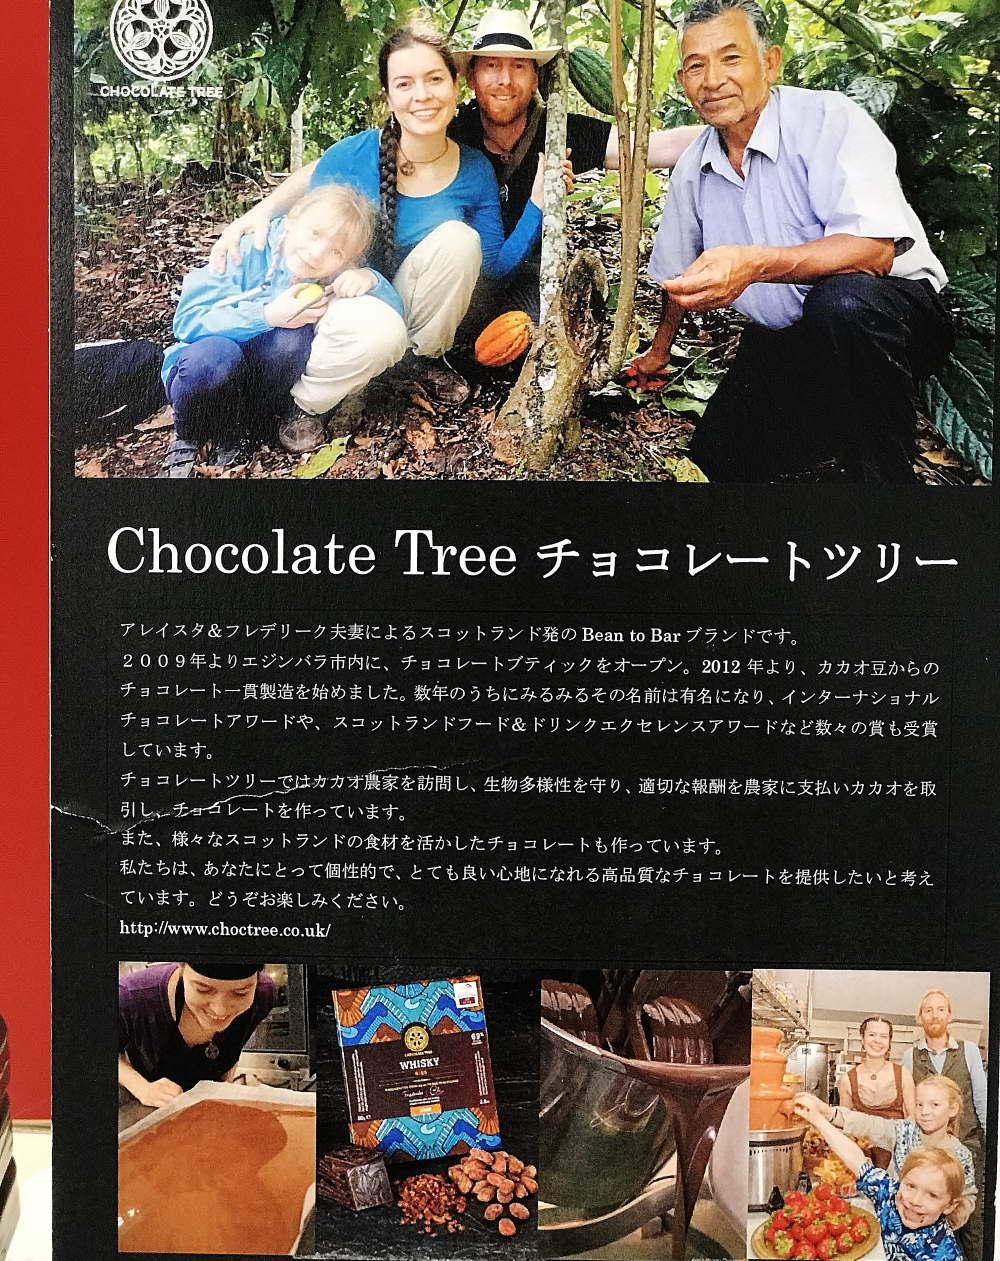 チョコレートツリーとは